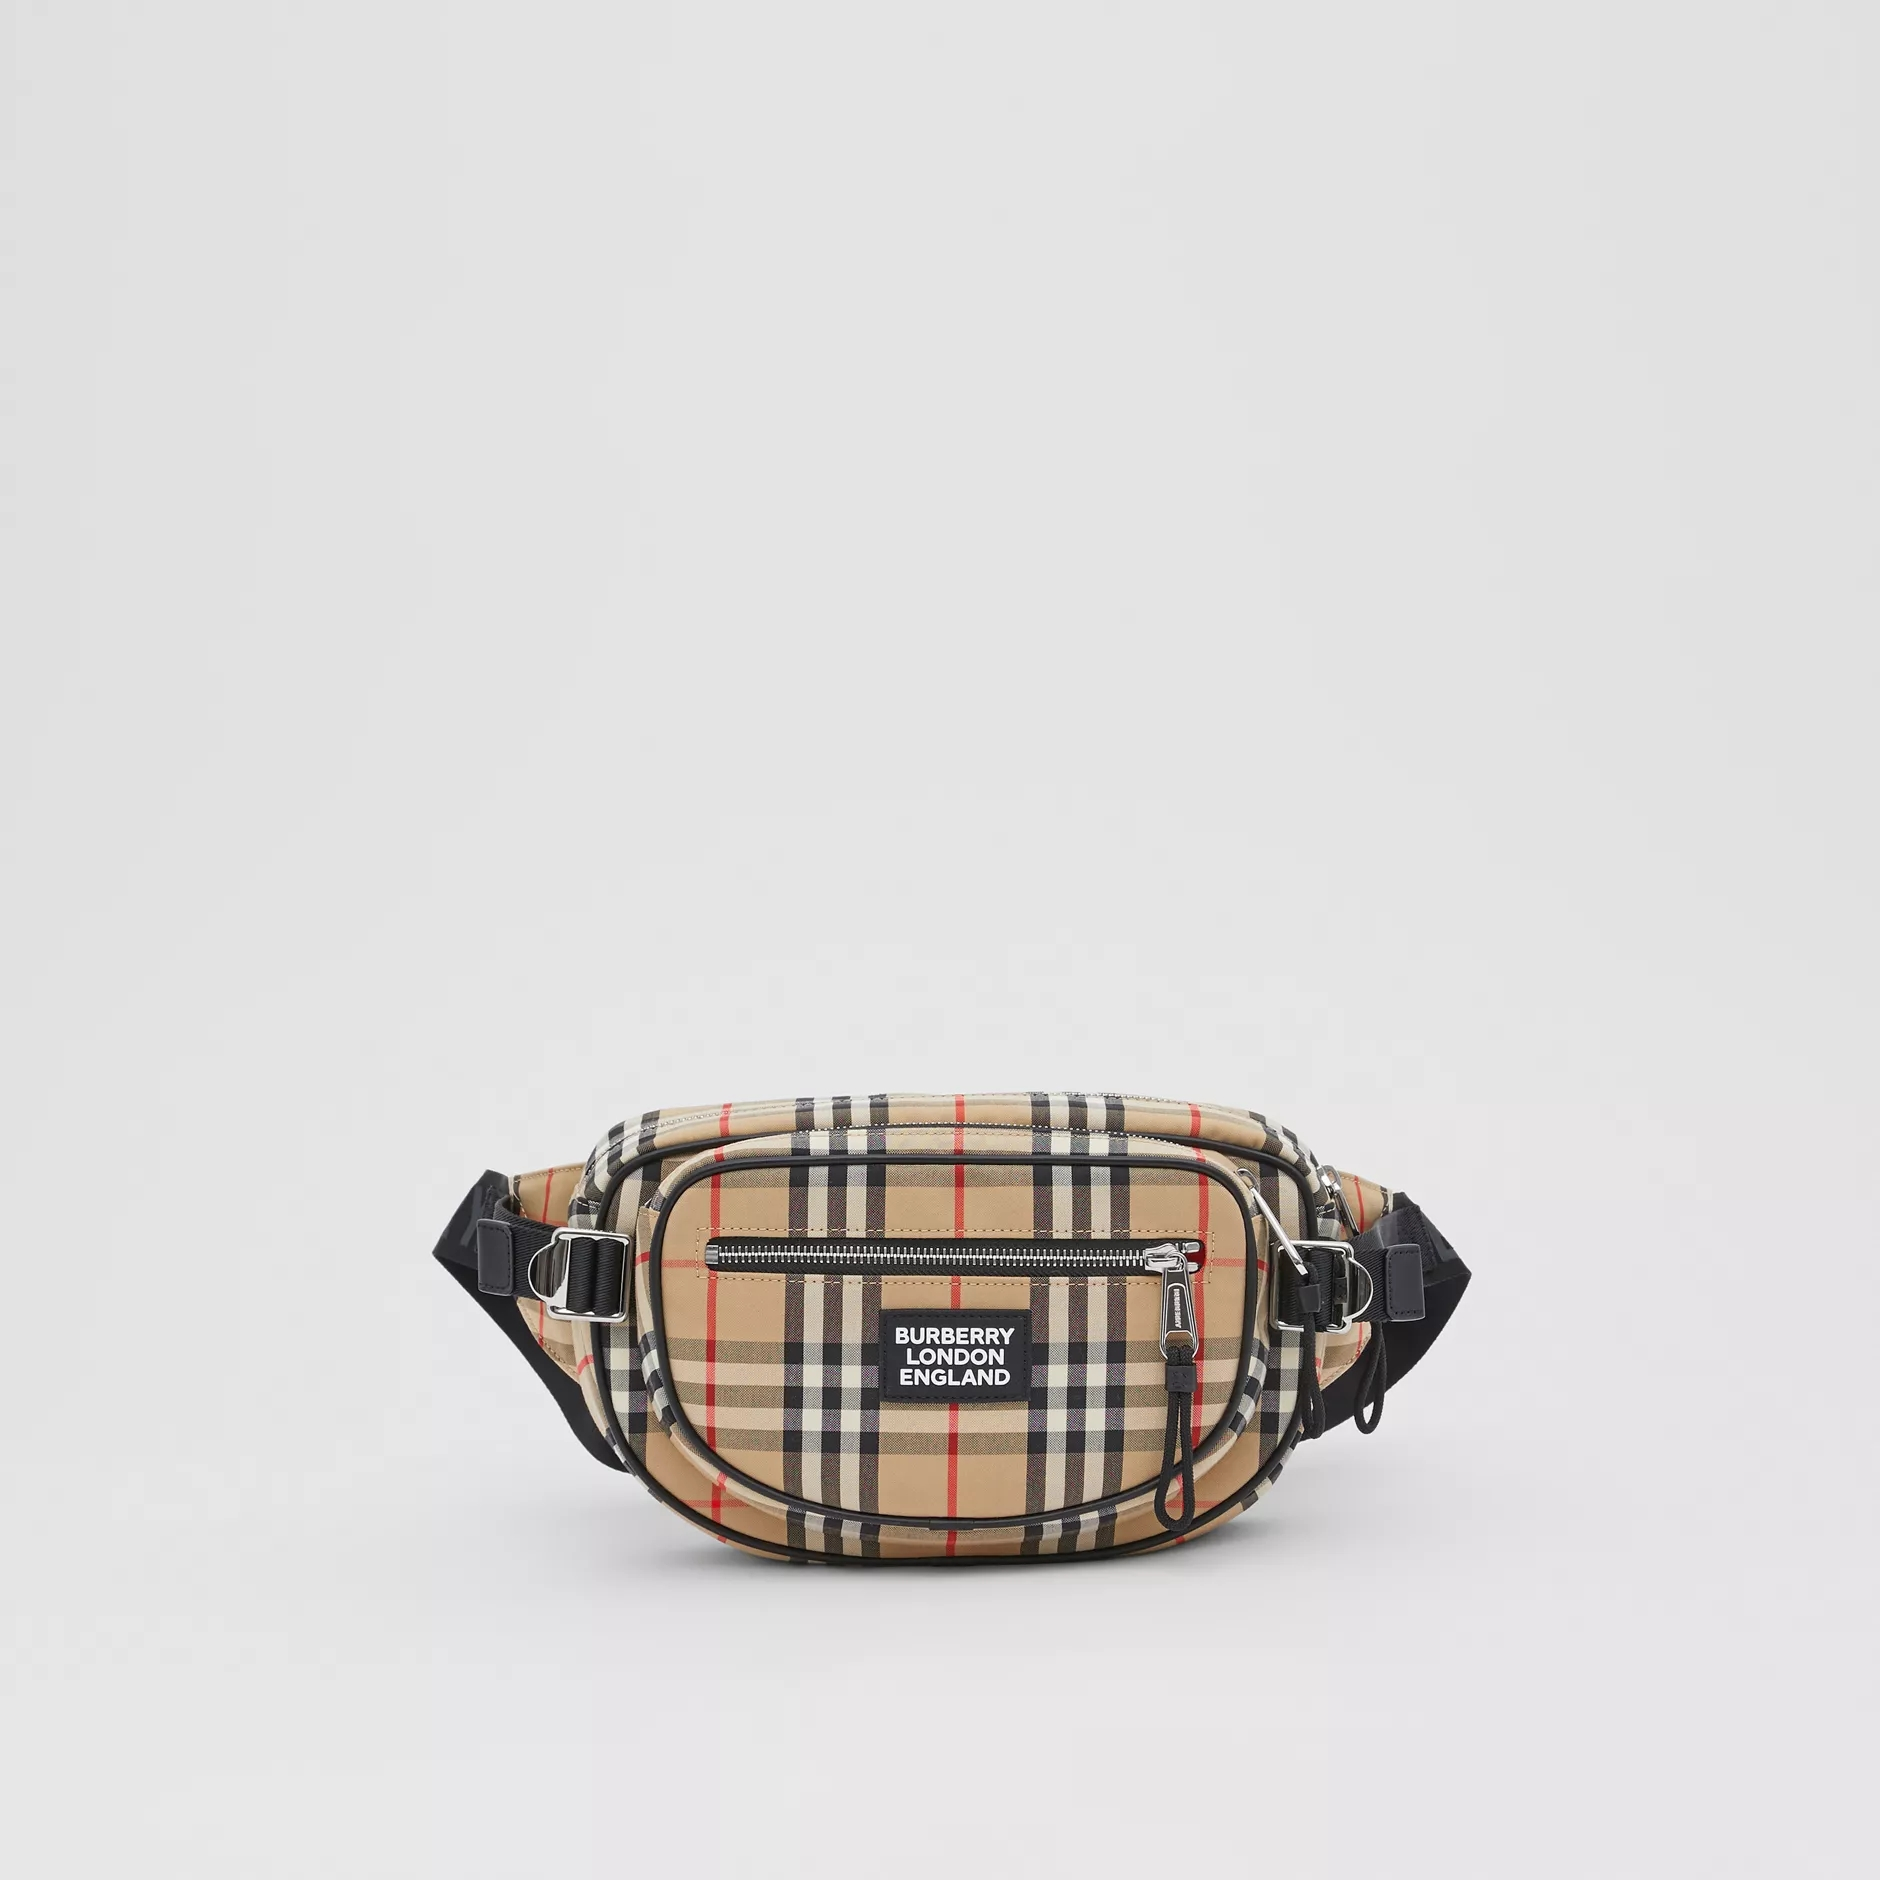 Burberry Medium Vintage Check Cotton Cannon Bum Bag For Men Pack Travel Belt Purse Shoulder Bags Tote Waist Bag 80230341